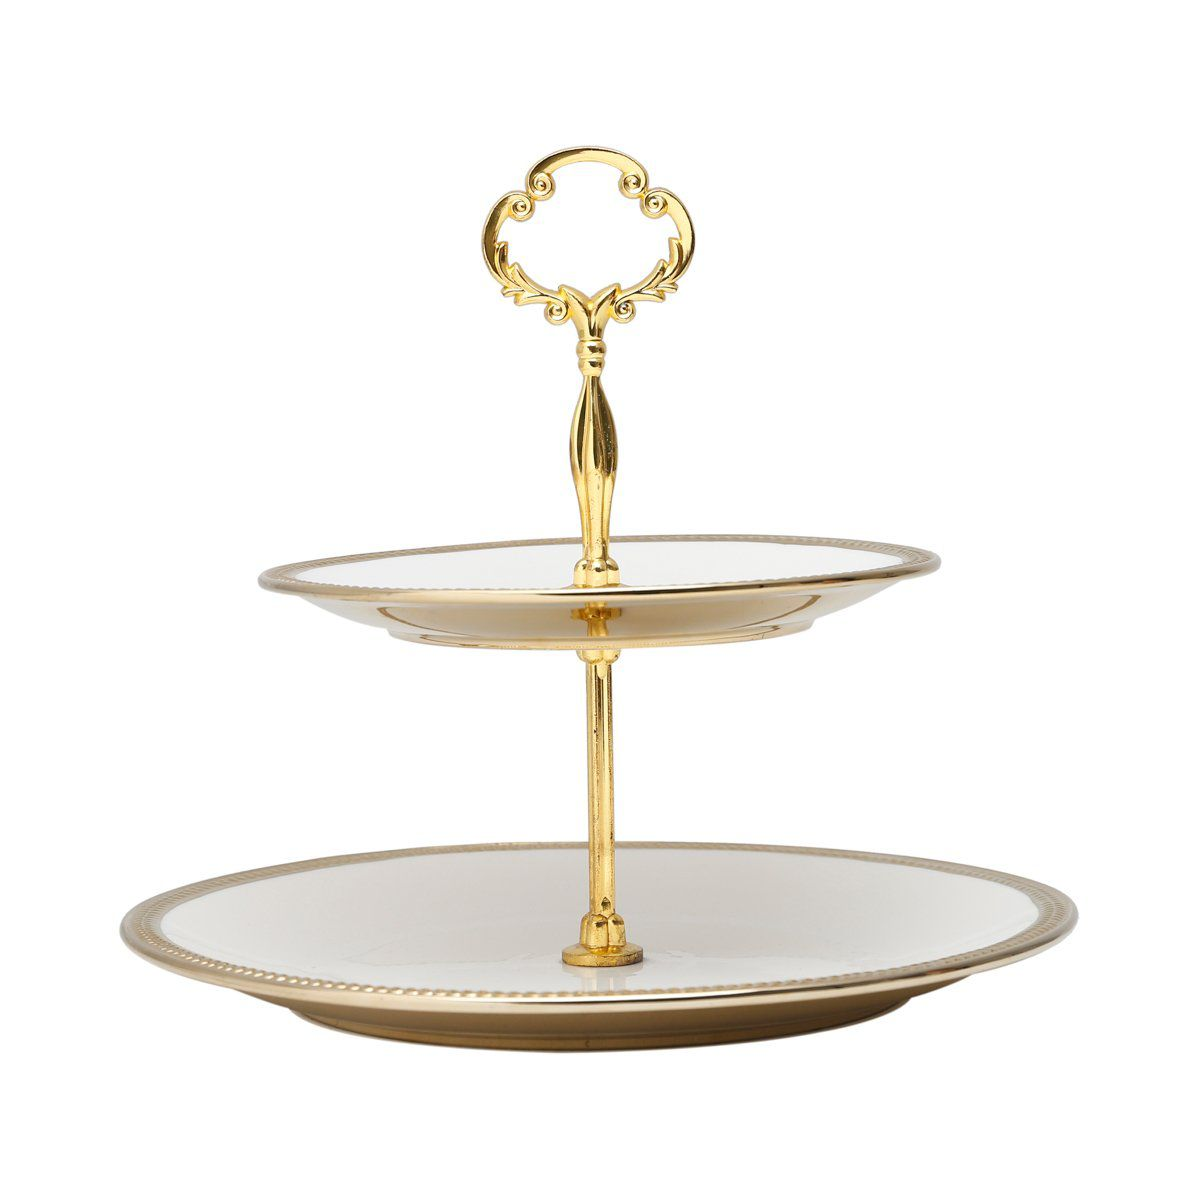 Prato duplo 27 cm para doces de porcelana branca com suporte de metal dourado Paddy Wolff - 25110